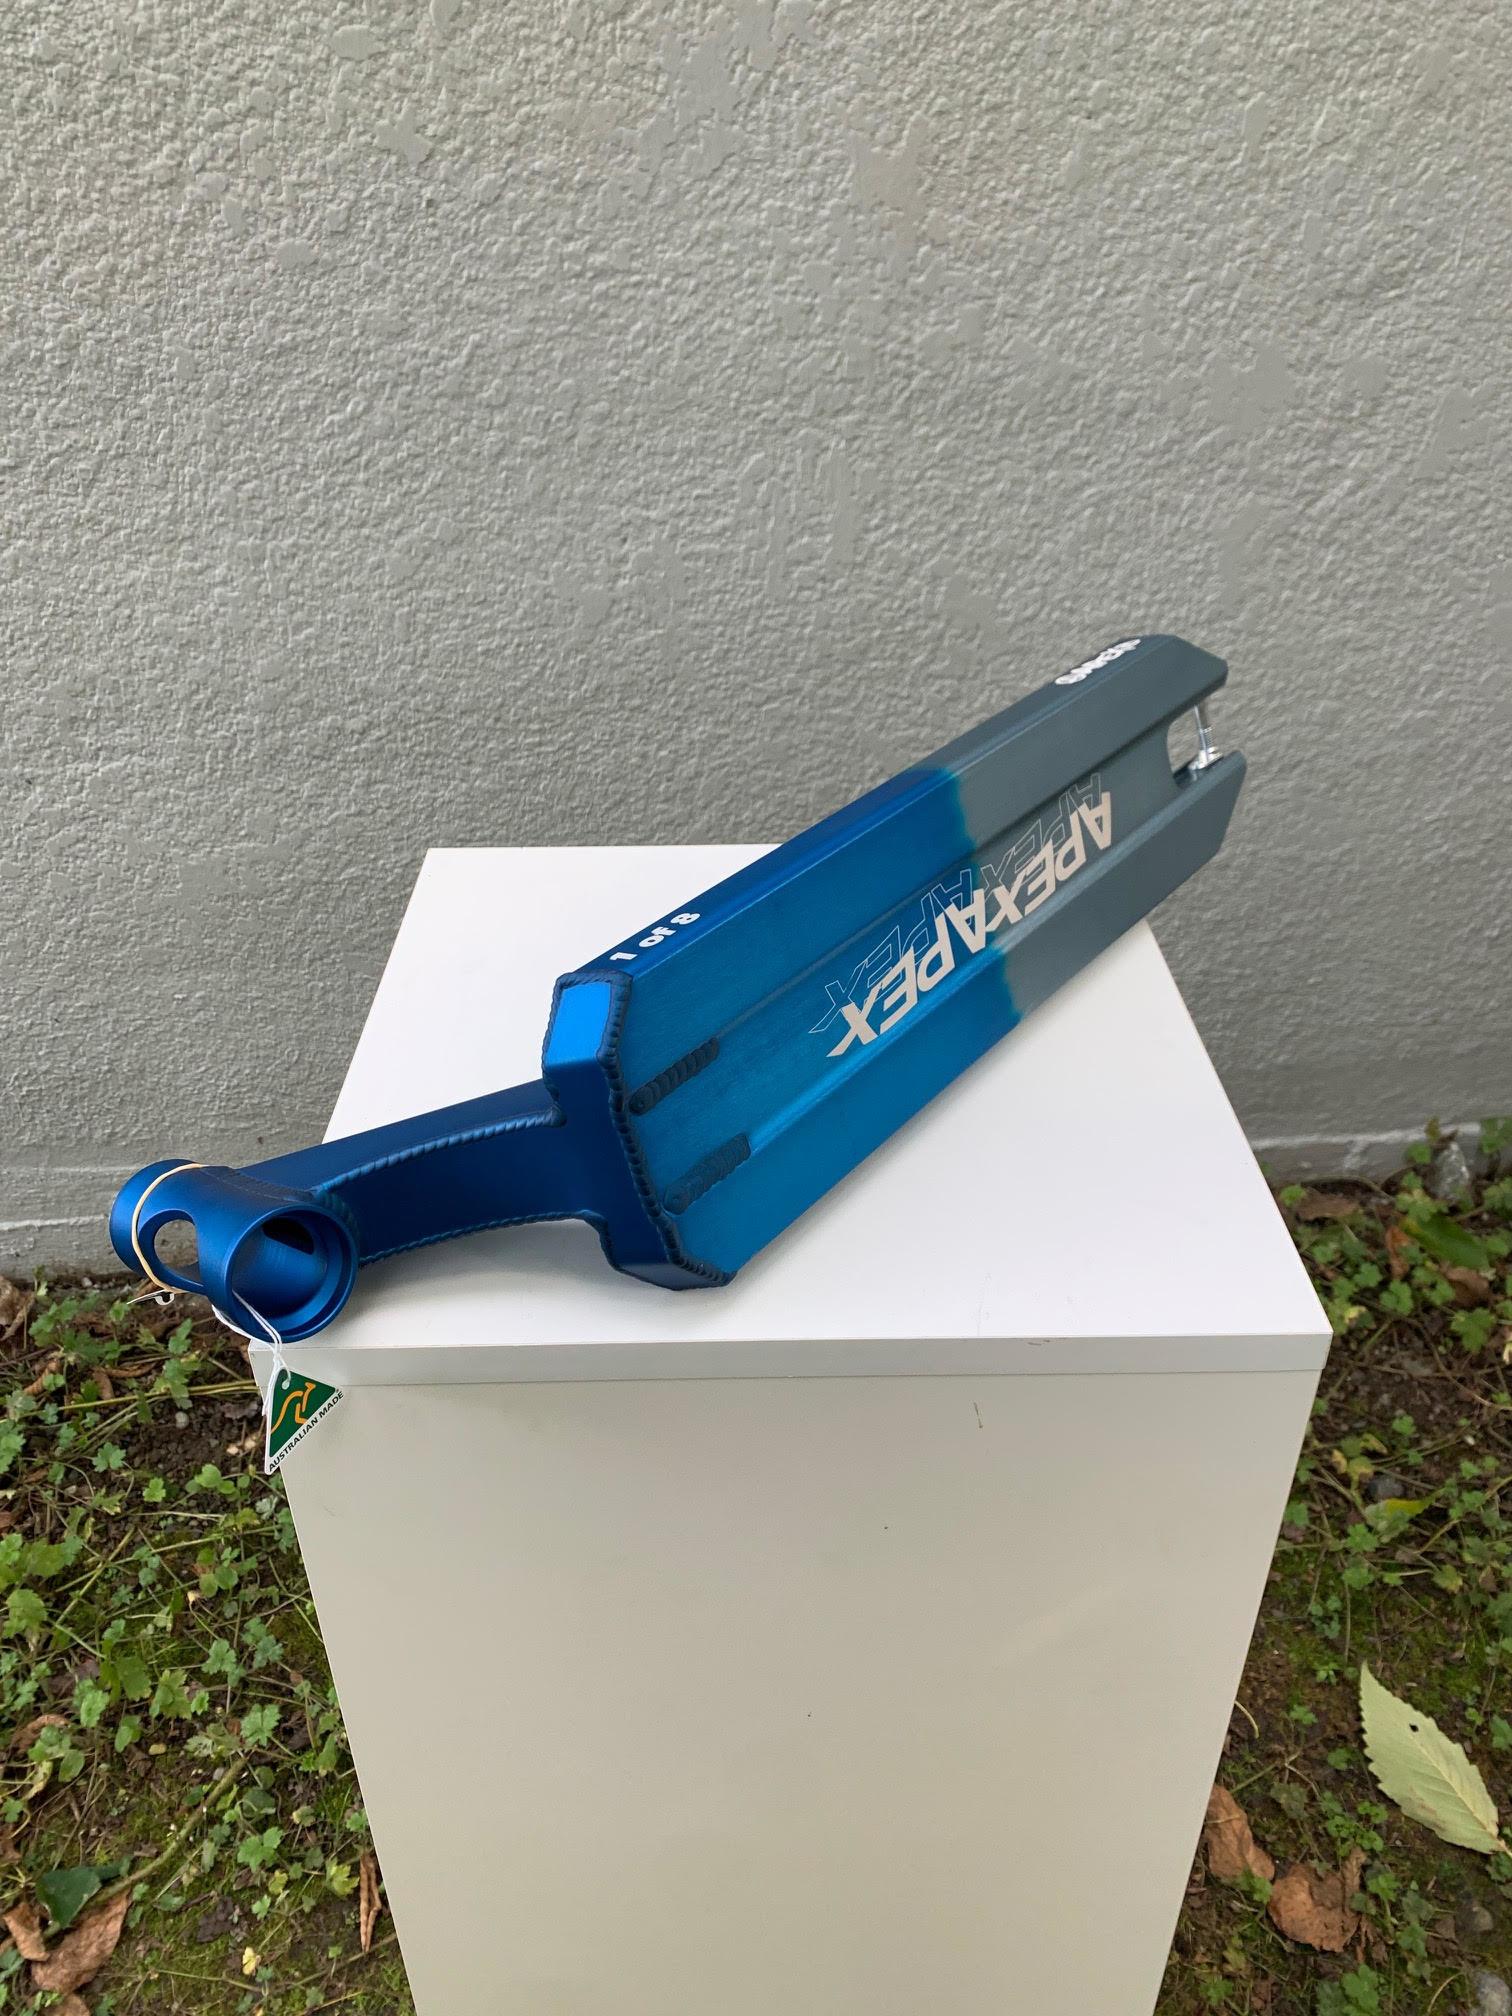 """APEXiD/LEGACY 5"""" X 580MM DECK - BLUE/GREY"""